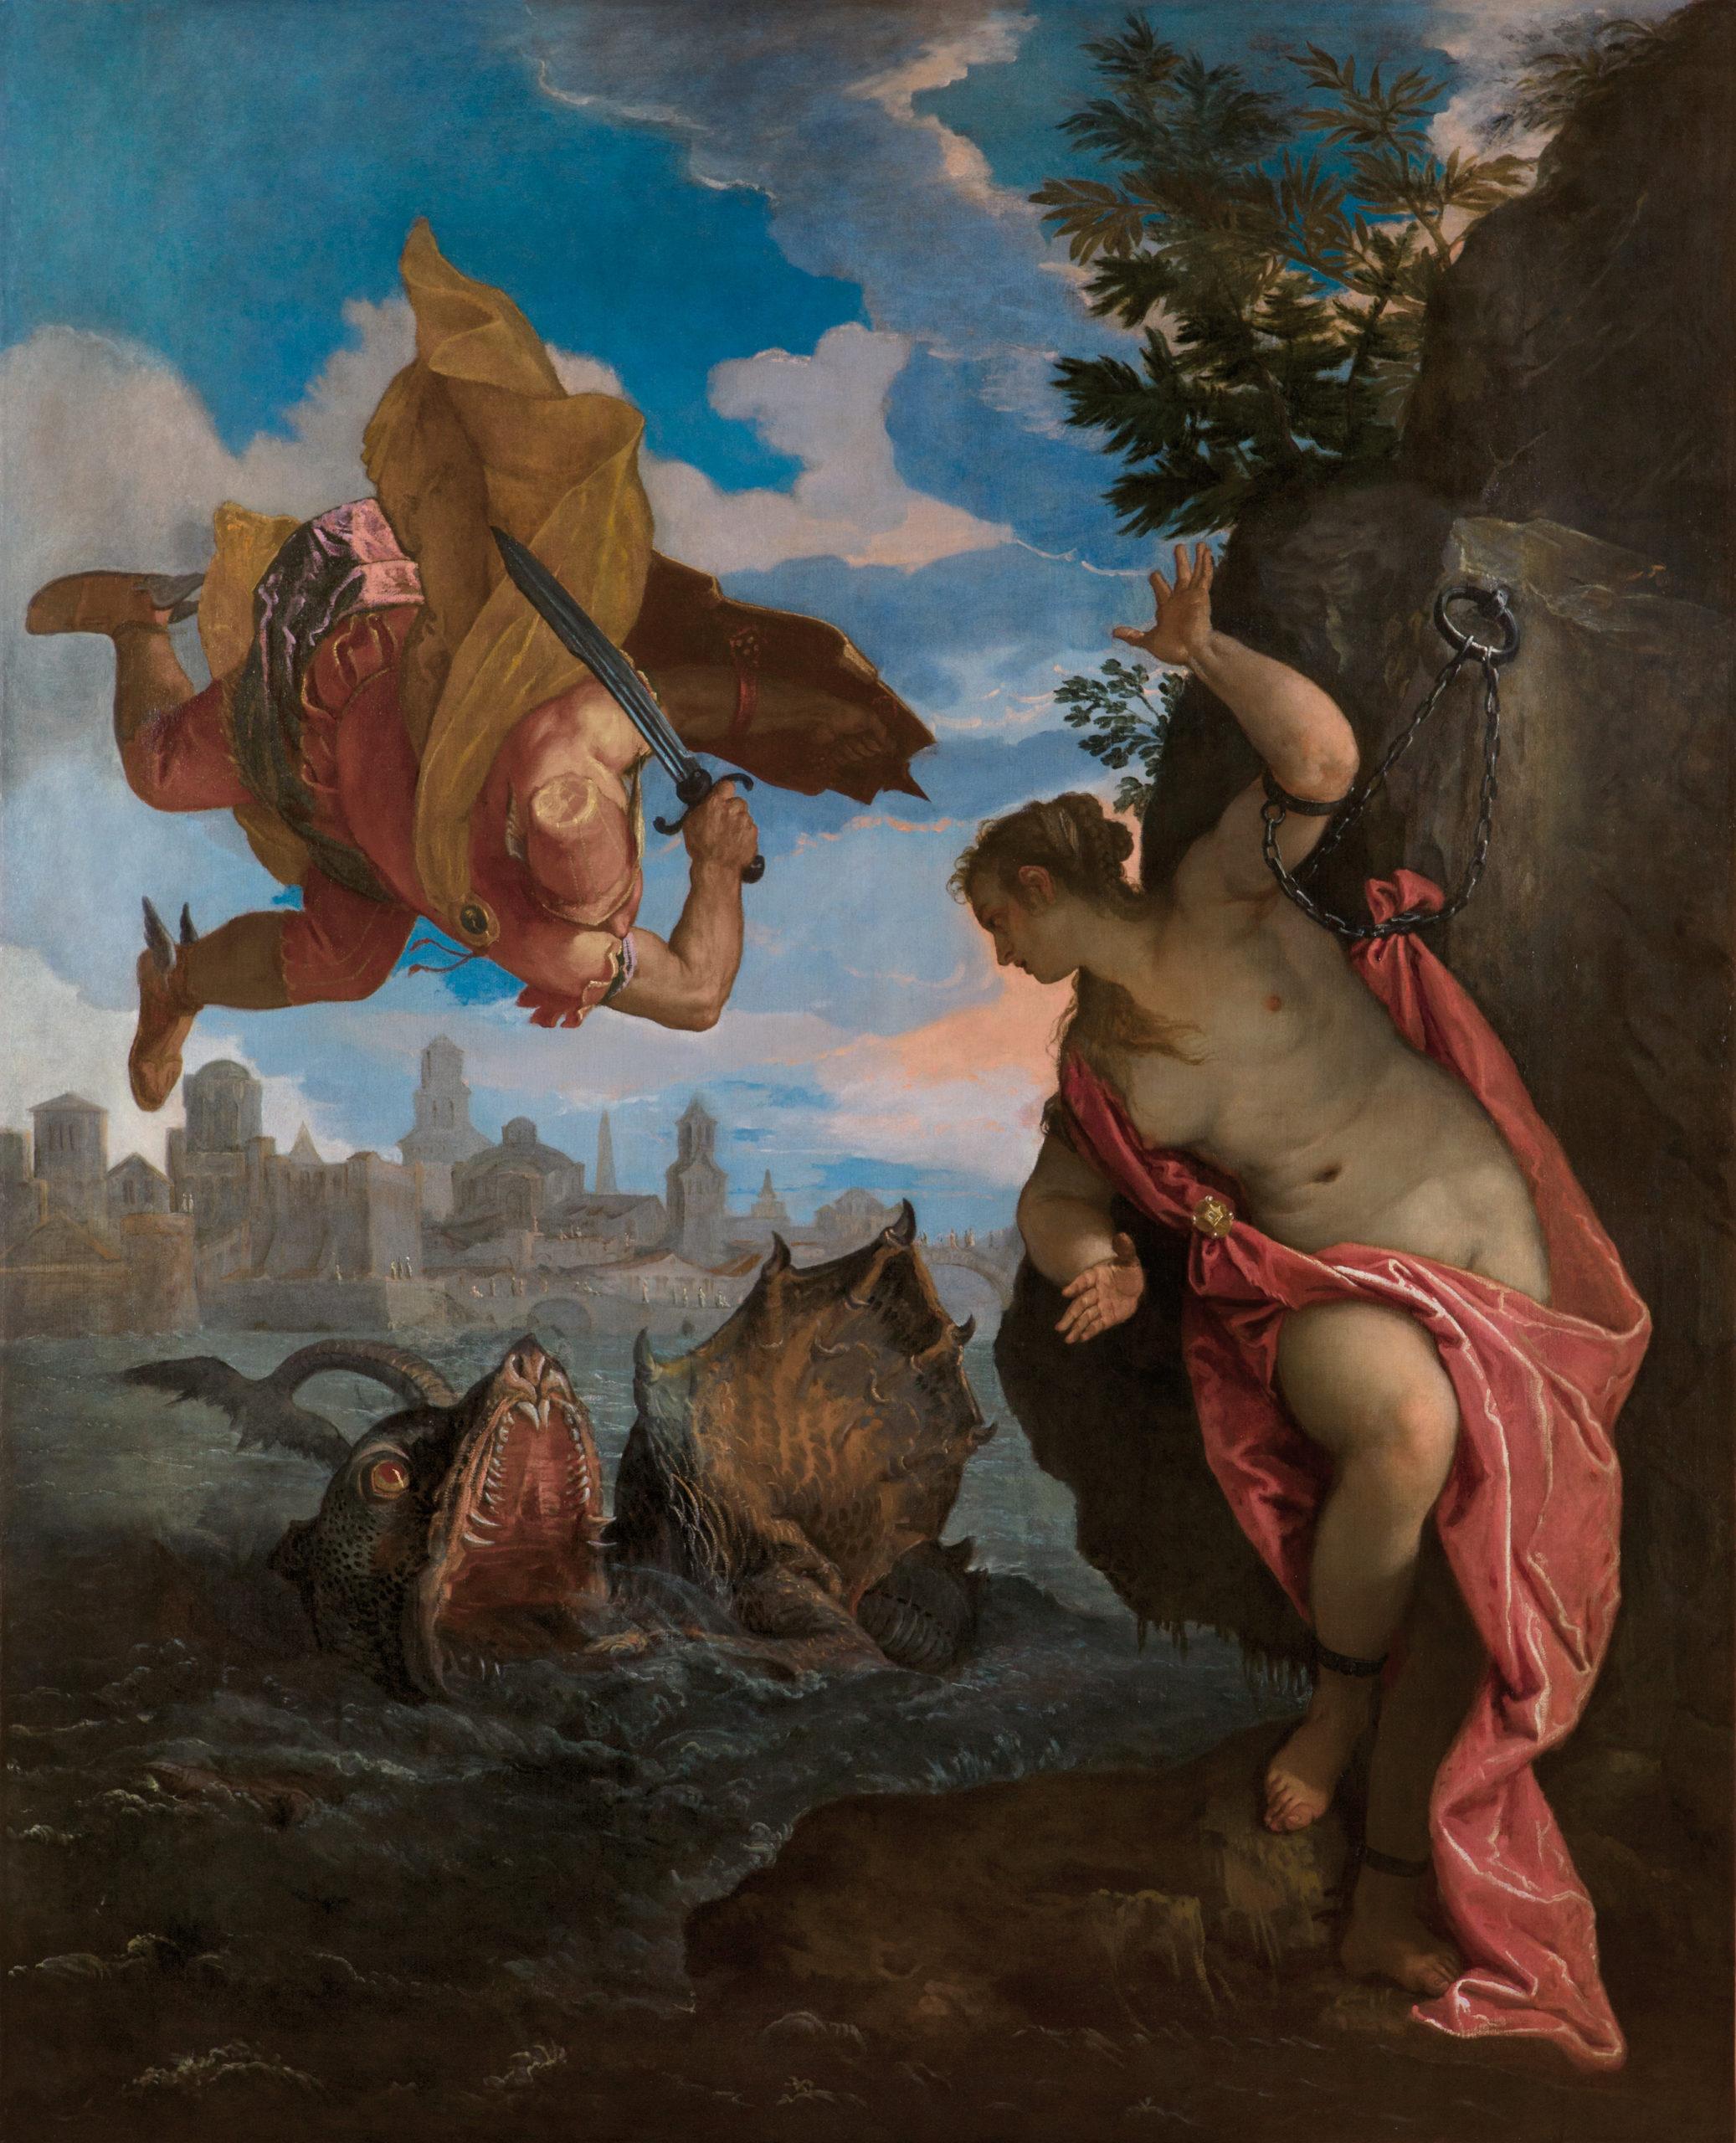 Perseus und Andromeda von Paolo Veronese. Mit freundlicher Genehmigung des Musée des Beaux Arts, Rennes